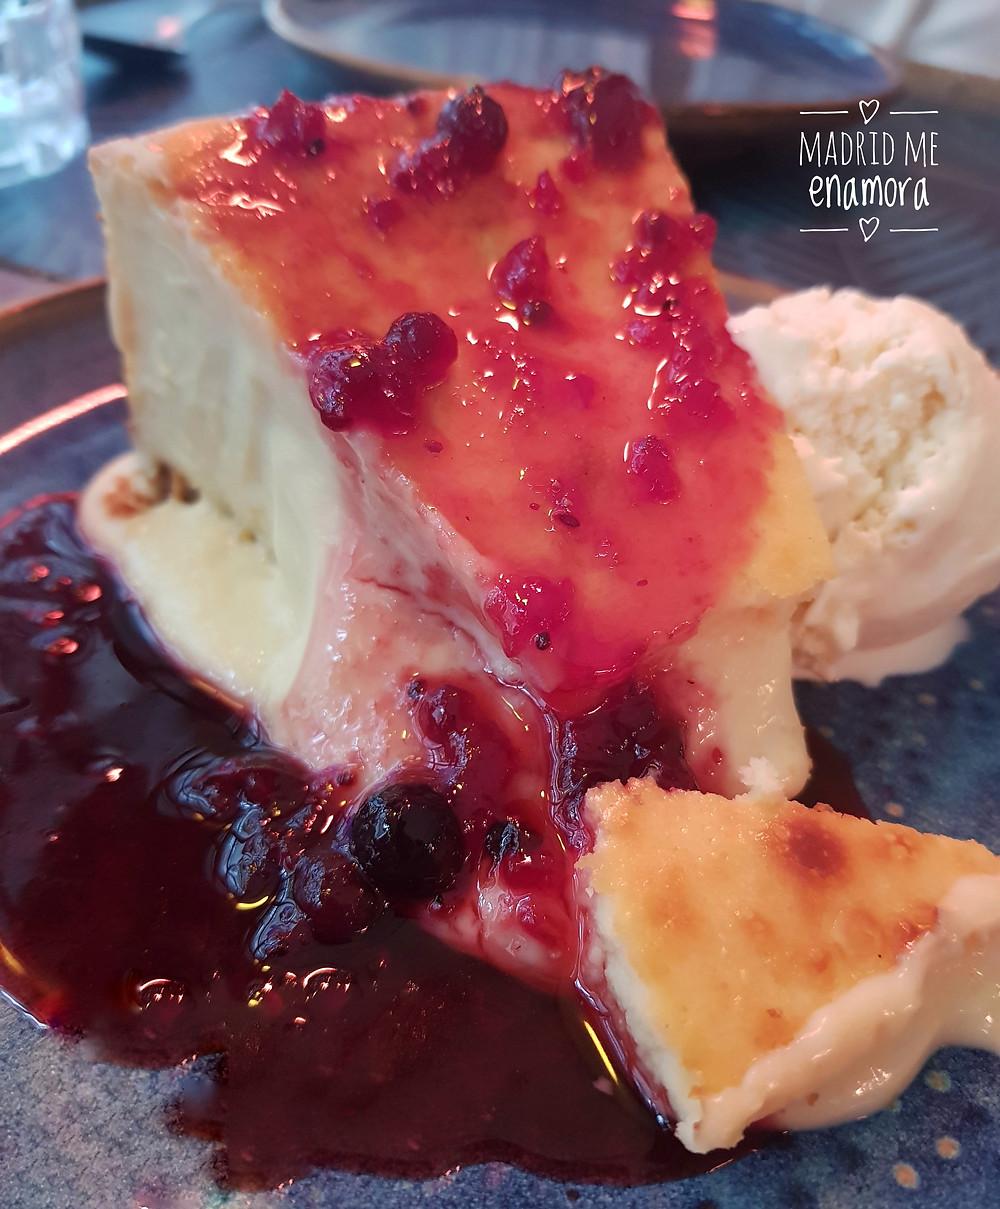 Tarta cremosa de queso con salsa de frambuesa y helado.